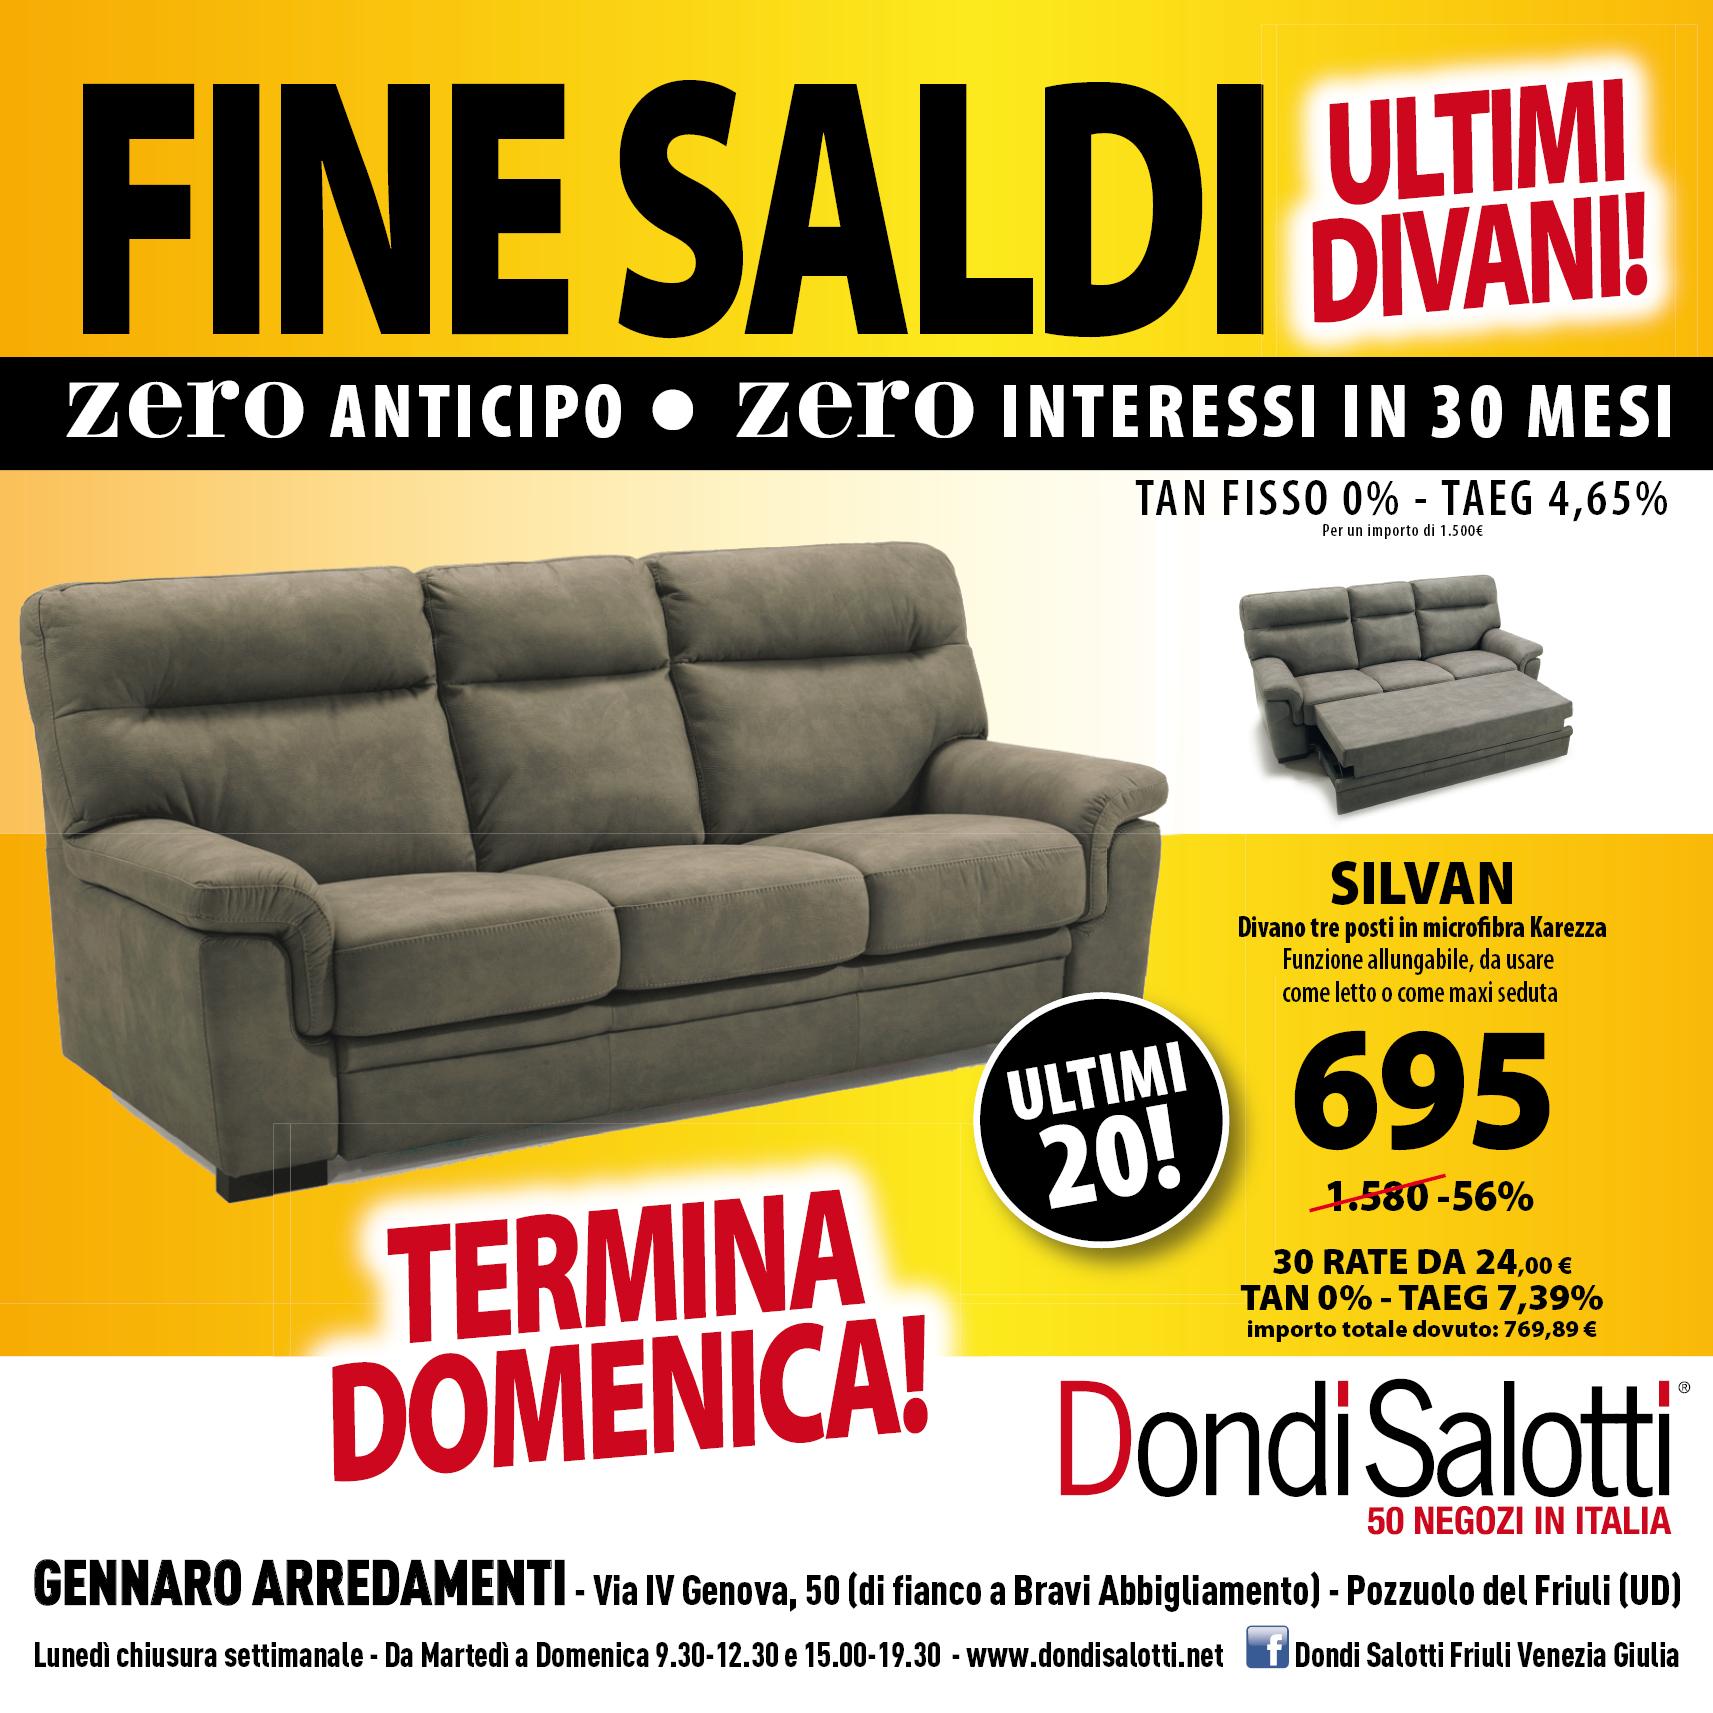 FINE SALDI – ZERO ANTICIPO ZERO INTERESSI – DONDI SALOTTI ...